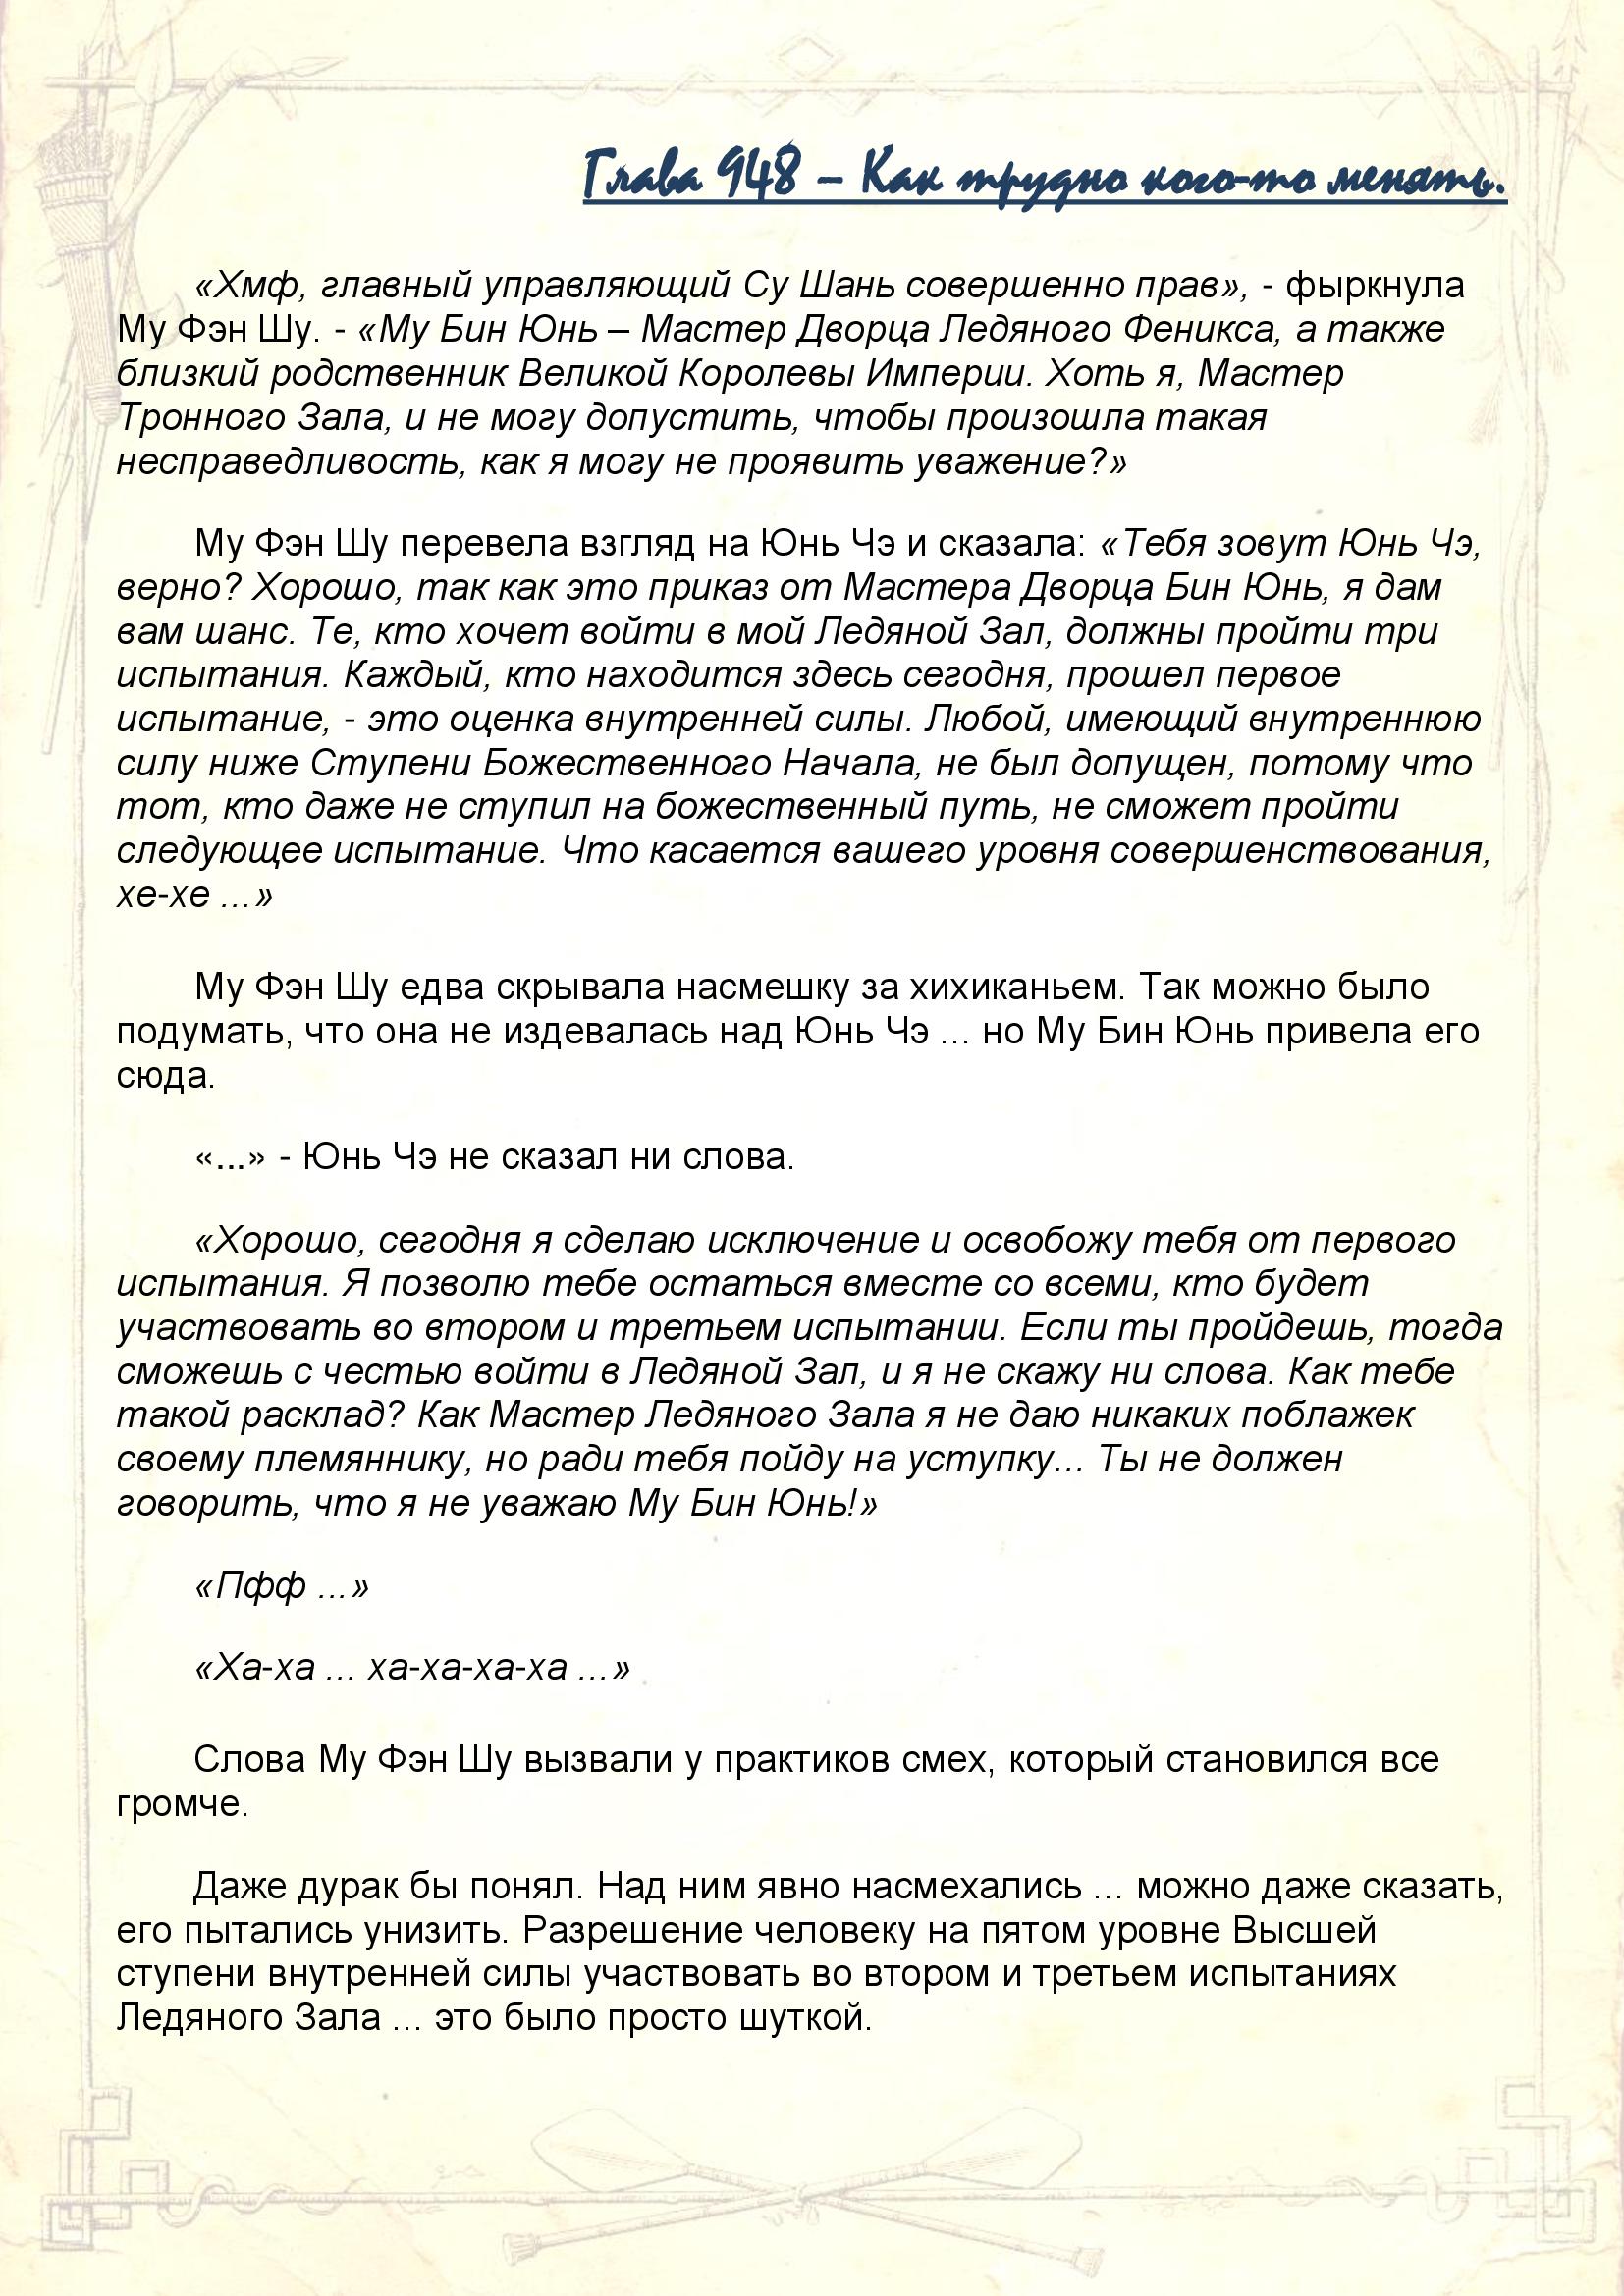 Восставший против Неба v9 - 948